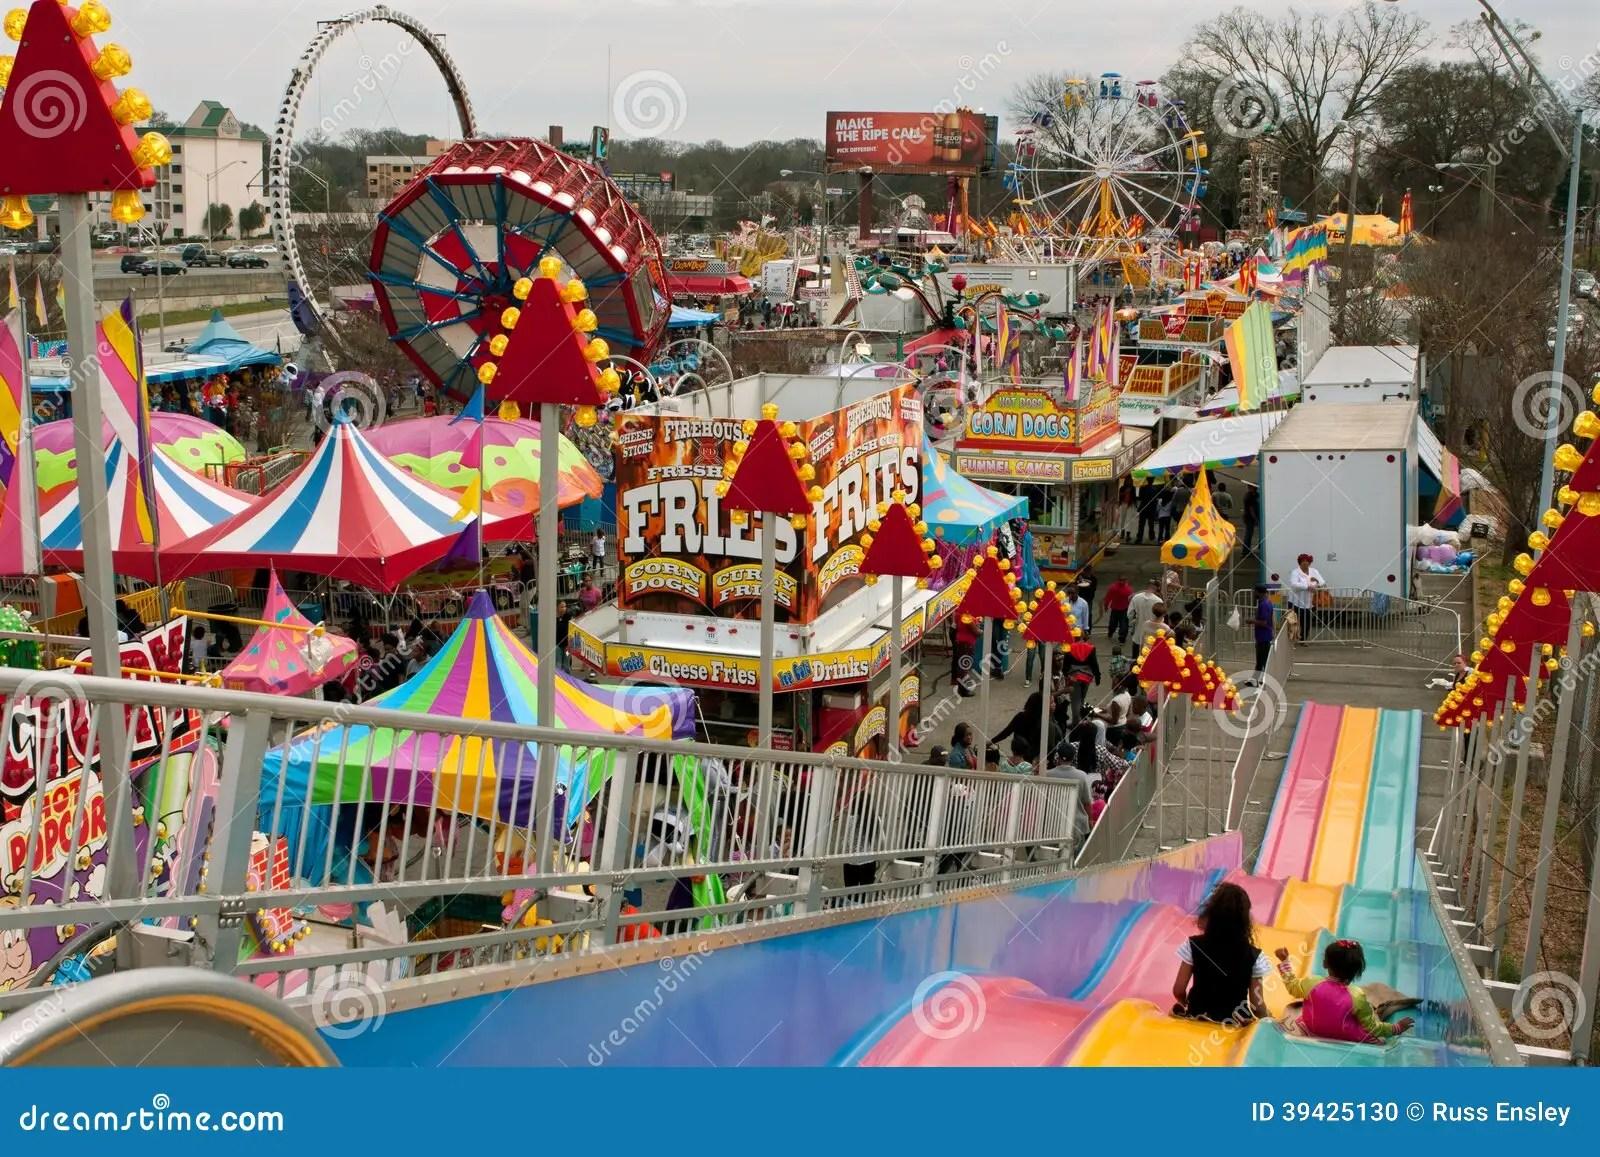 High Angle View Of Rides And Tents At Atlanta Fair